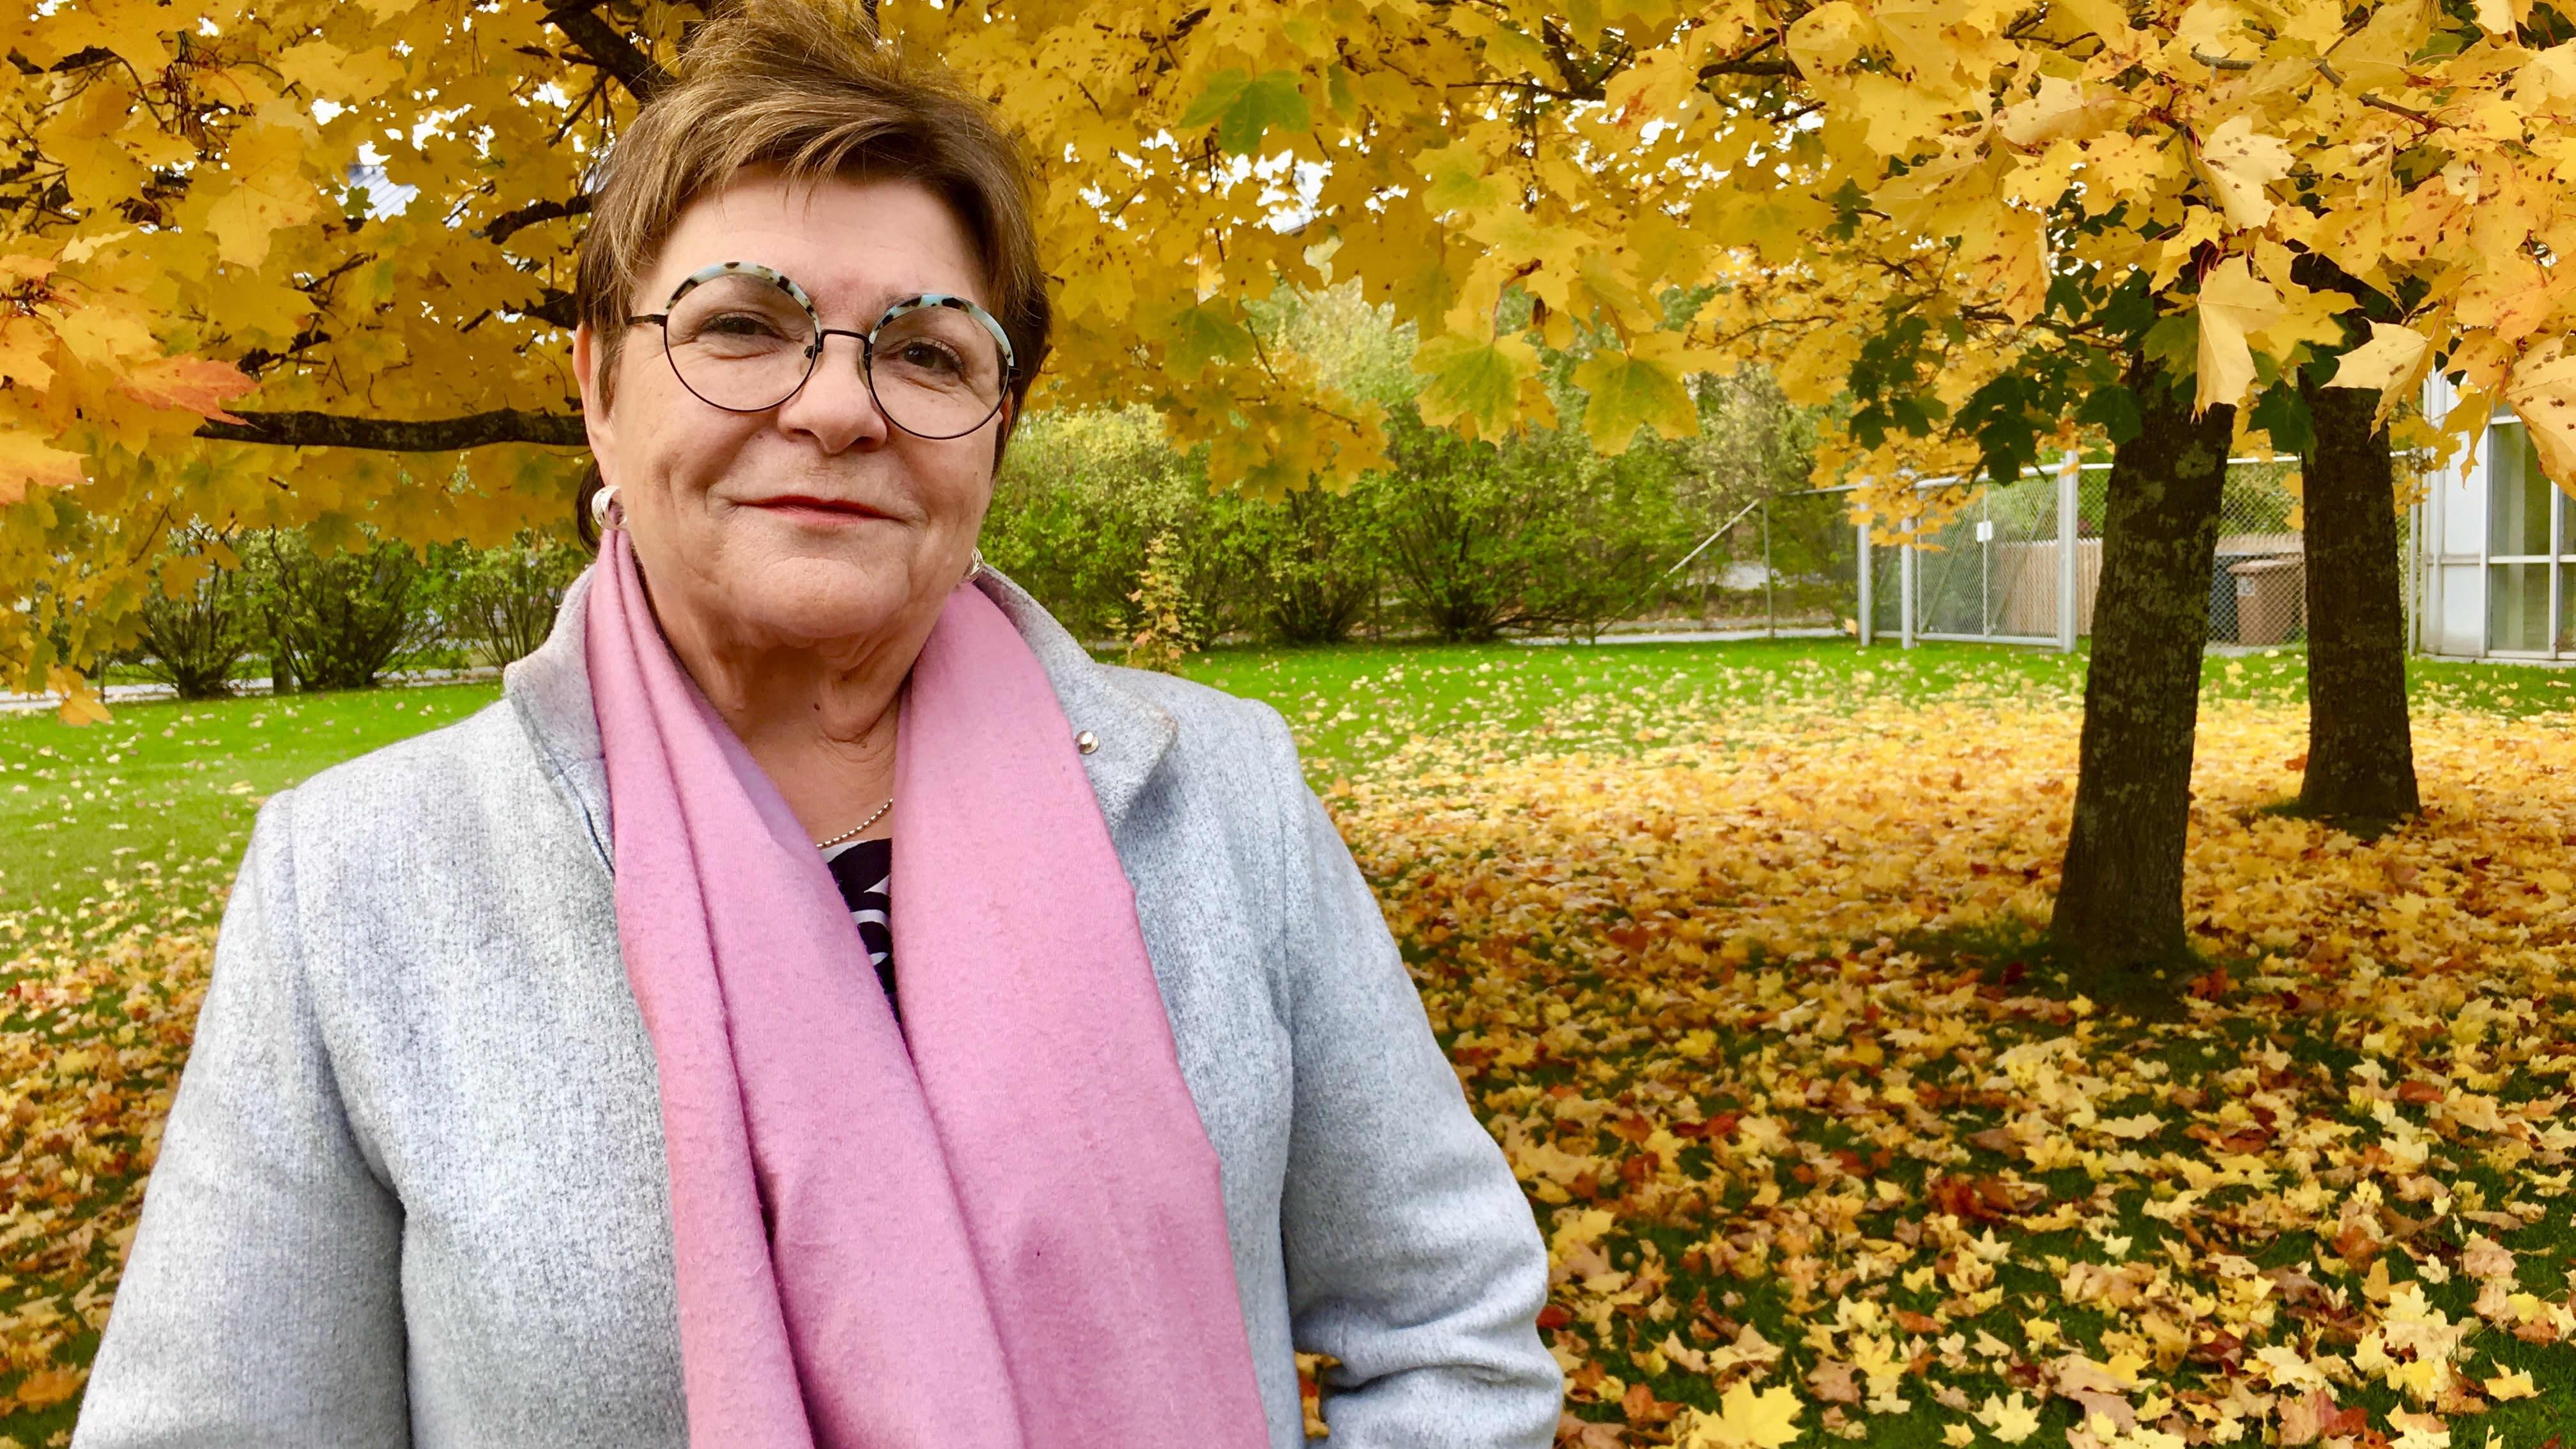 Kaupunginhallituksen puheenjohtaja Maria Tolppanen puolustaa kirjoituksiaan, joissa vaaditaan tyttöjä ajattelemaan pukeutumistaan